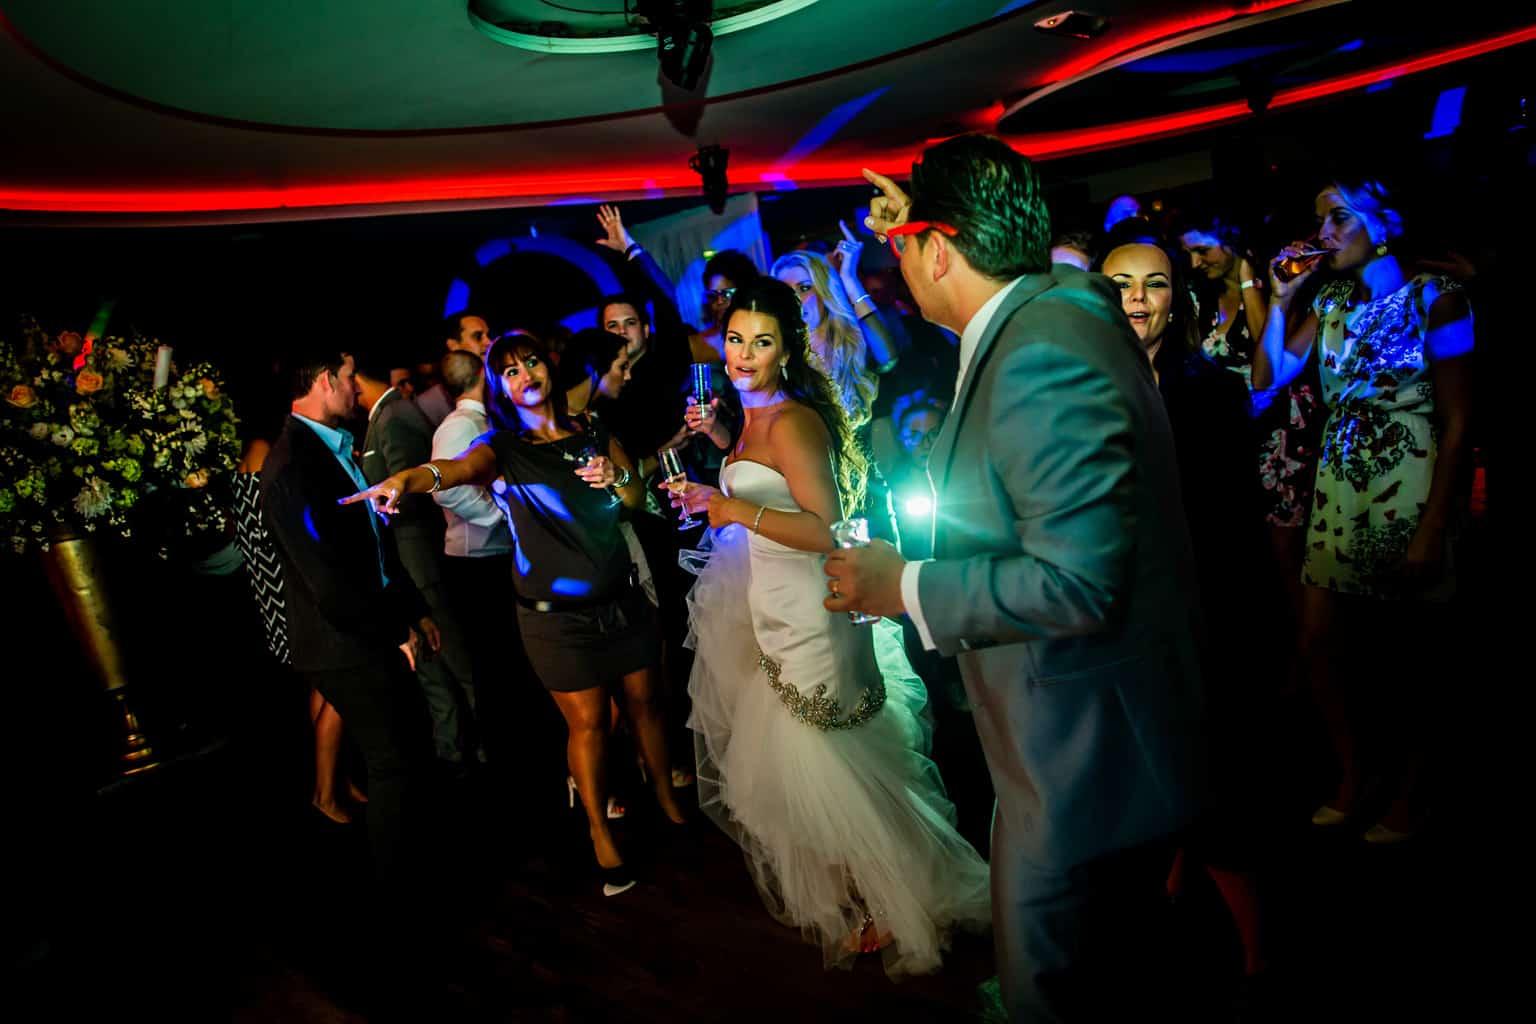 huwelijksdag regelen, trouwen , cocktailbar, feesten, DJ, Band tijdens je huwelijksfeest, wedding en planning, Weddingplanner, fotocredits Eppel Fotografie